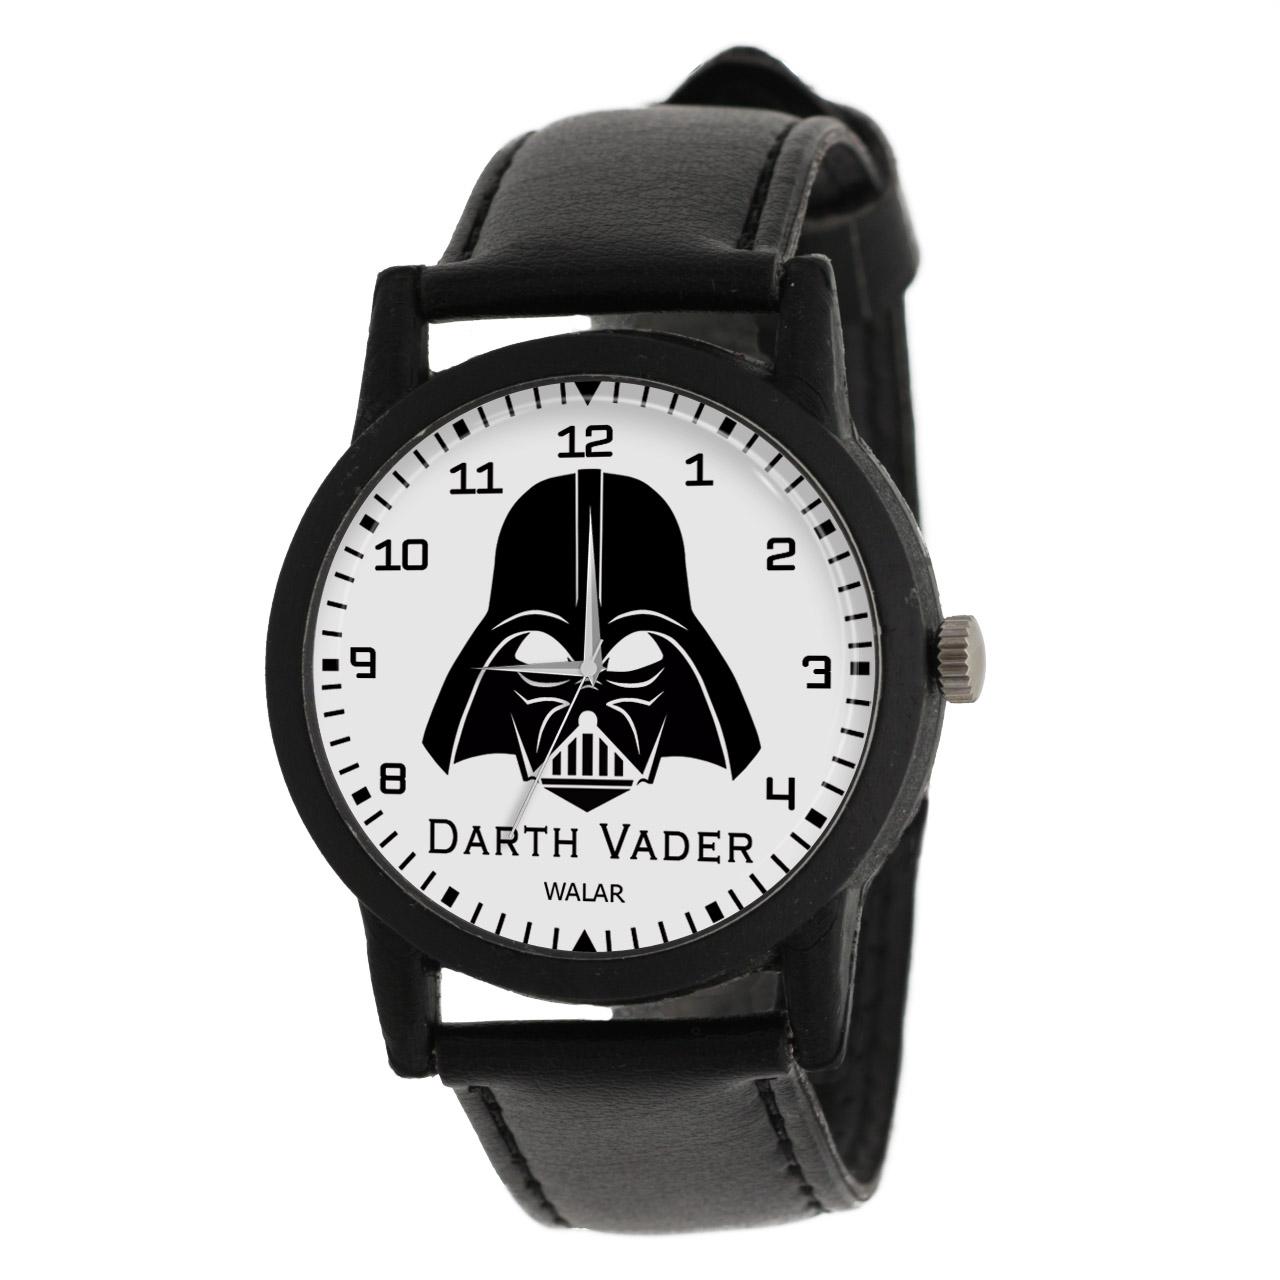 ساعت مچی عقربه ای والار طرح دارت ویدر کد LF2308